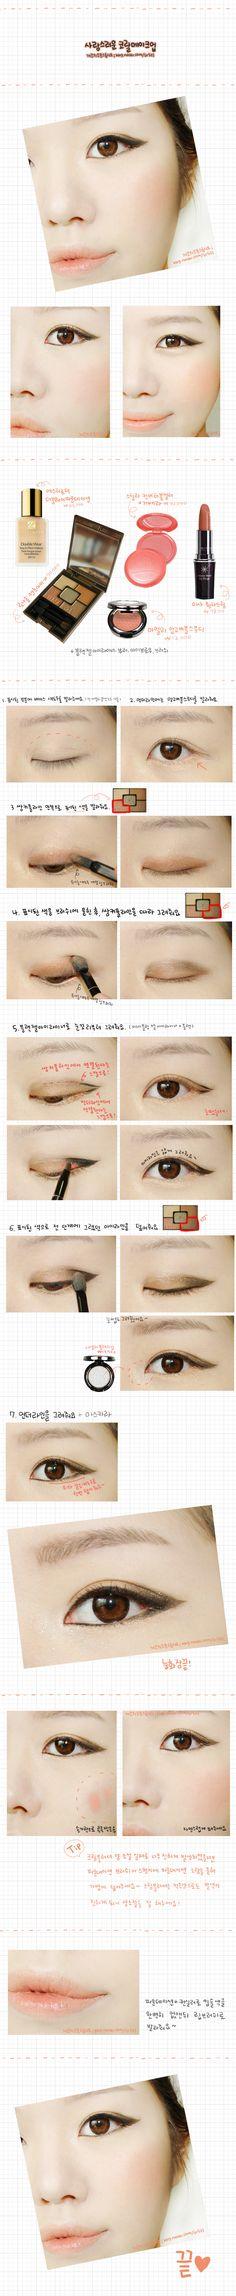 #고급스러운레이디기업가  #ClassyLadyEntrepreneur asian make up tutorial  www.SkincareInKorea.info